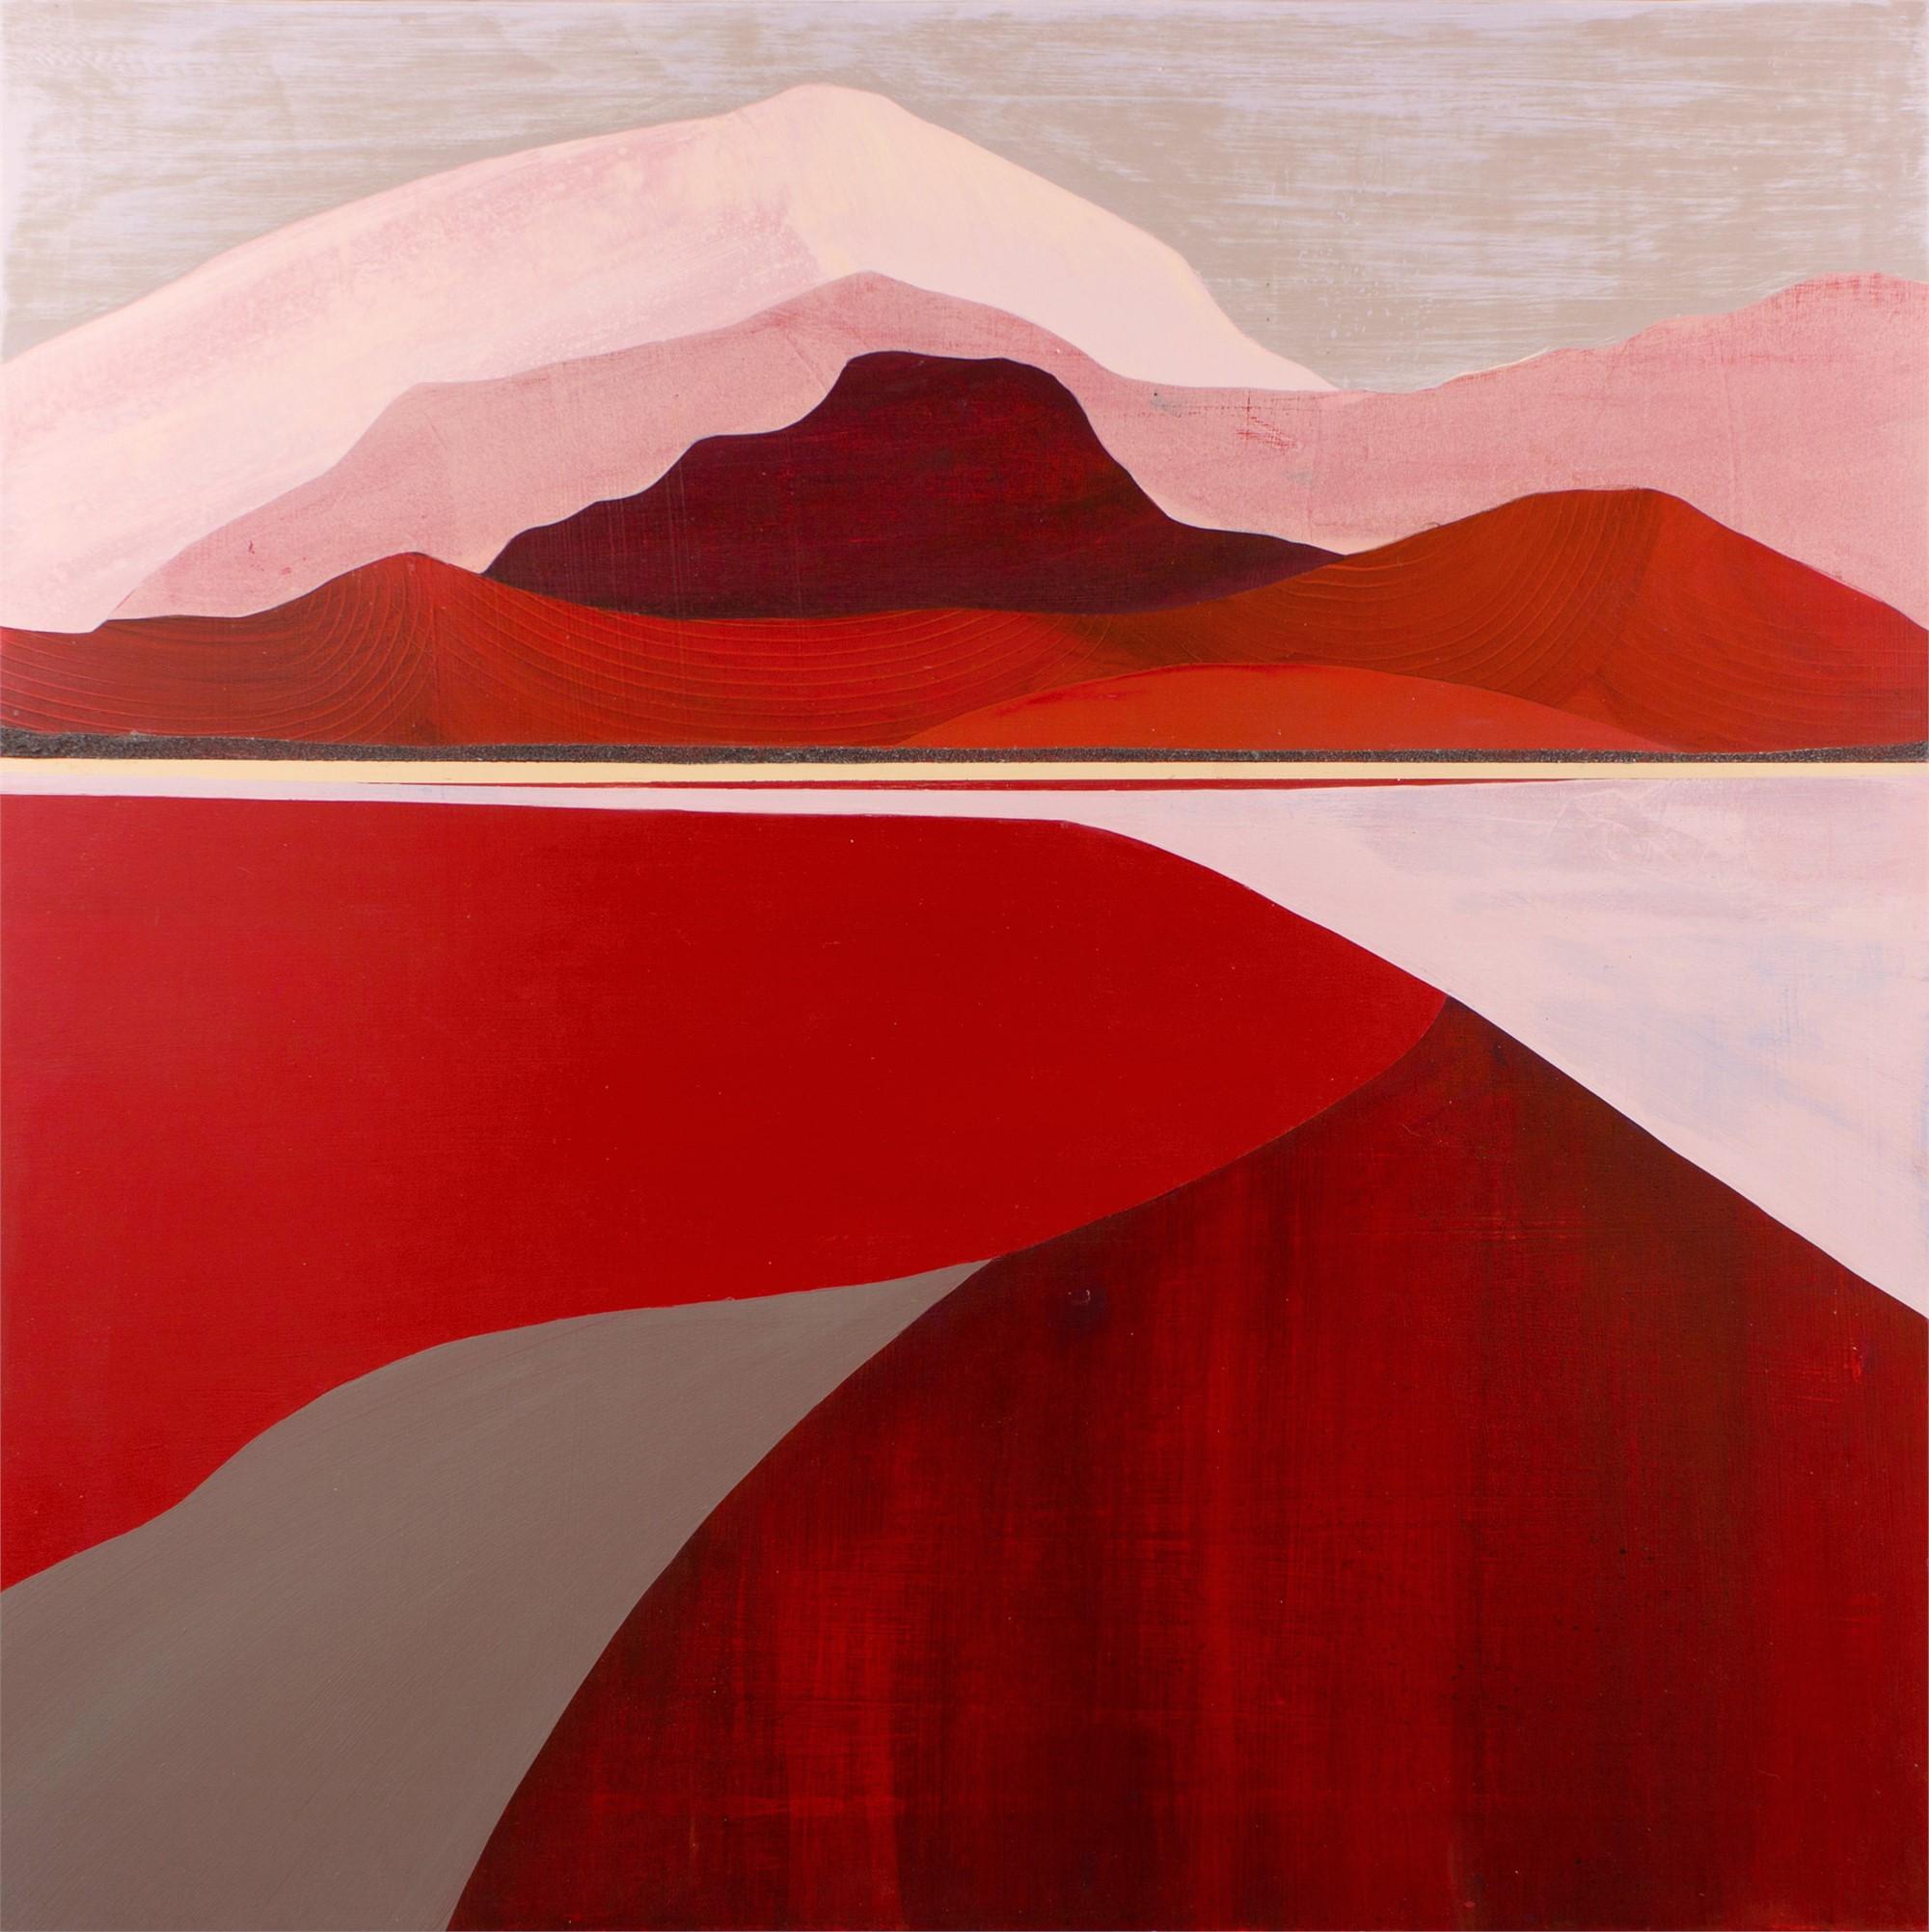 Desert Rouge by Sarah Winkler